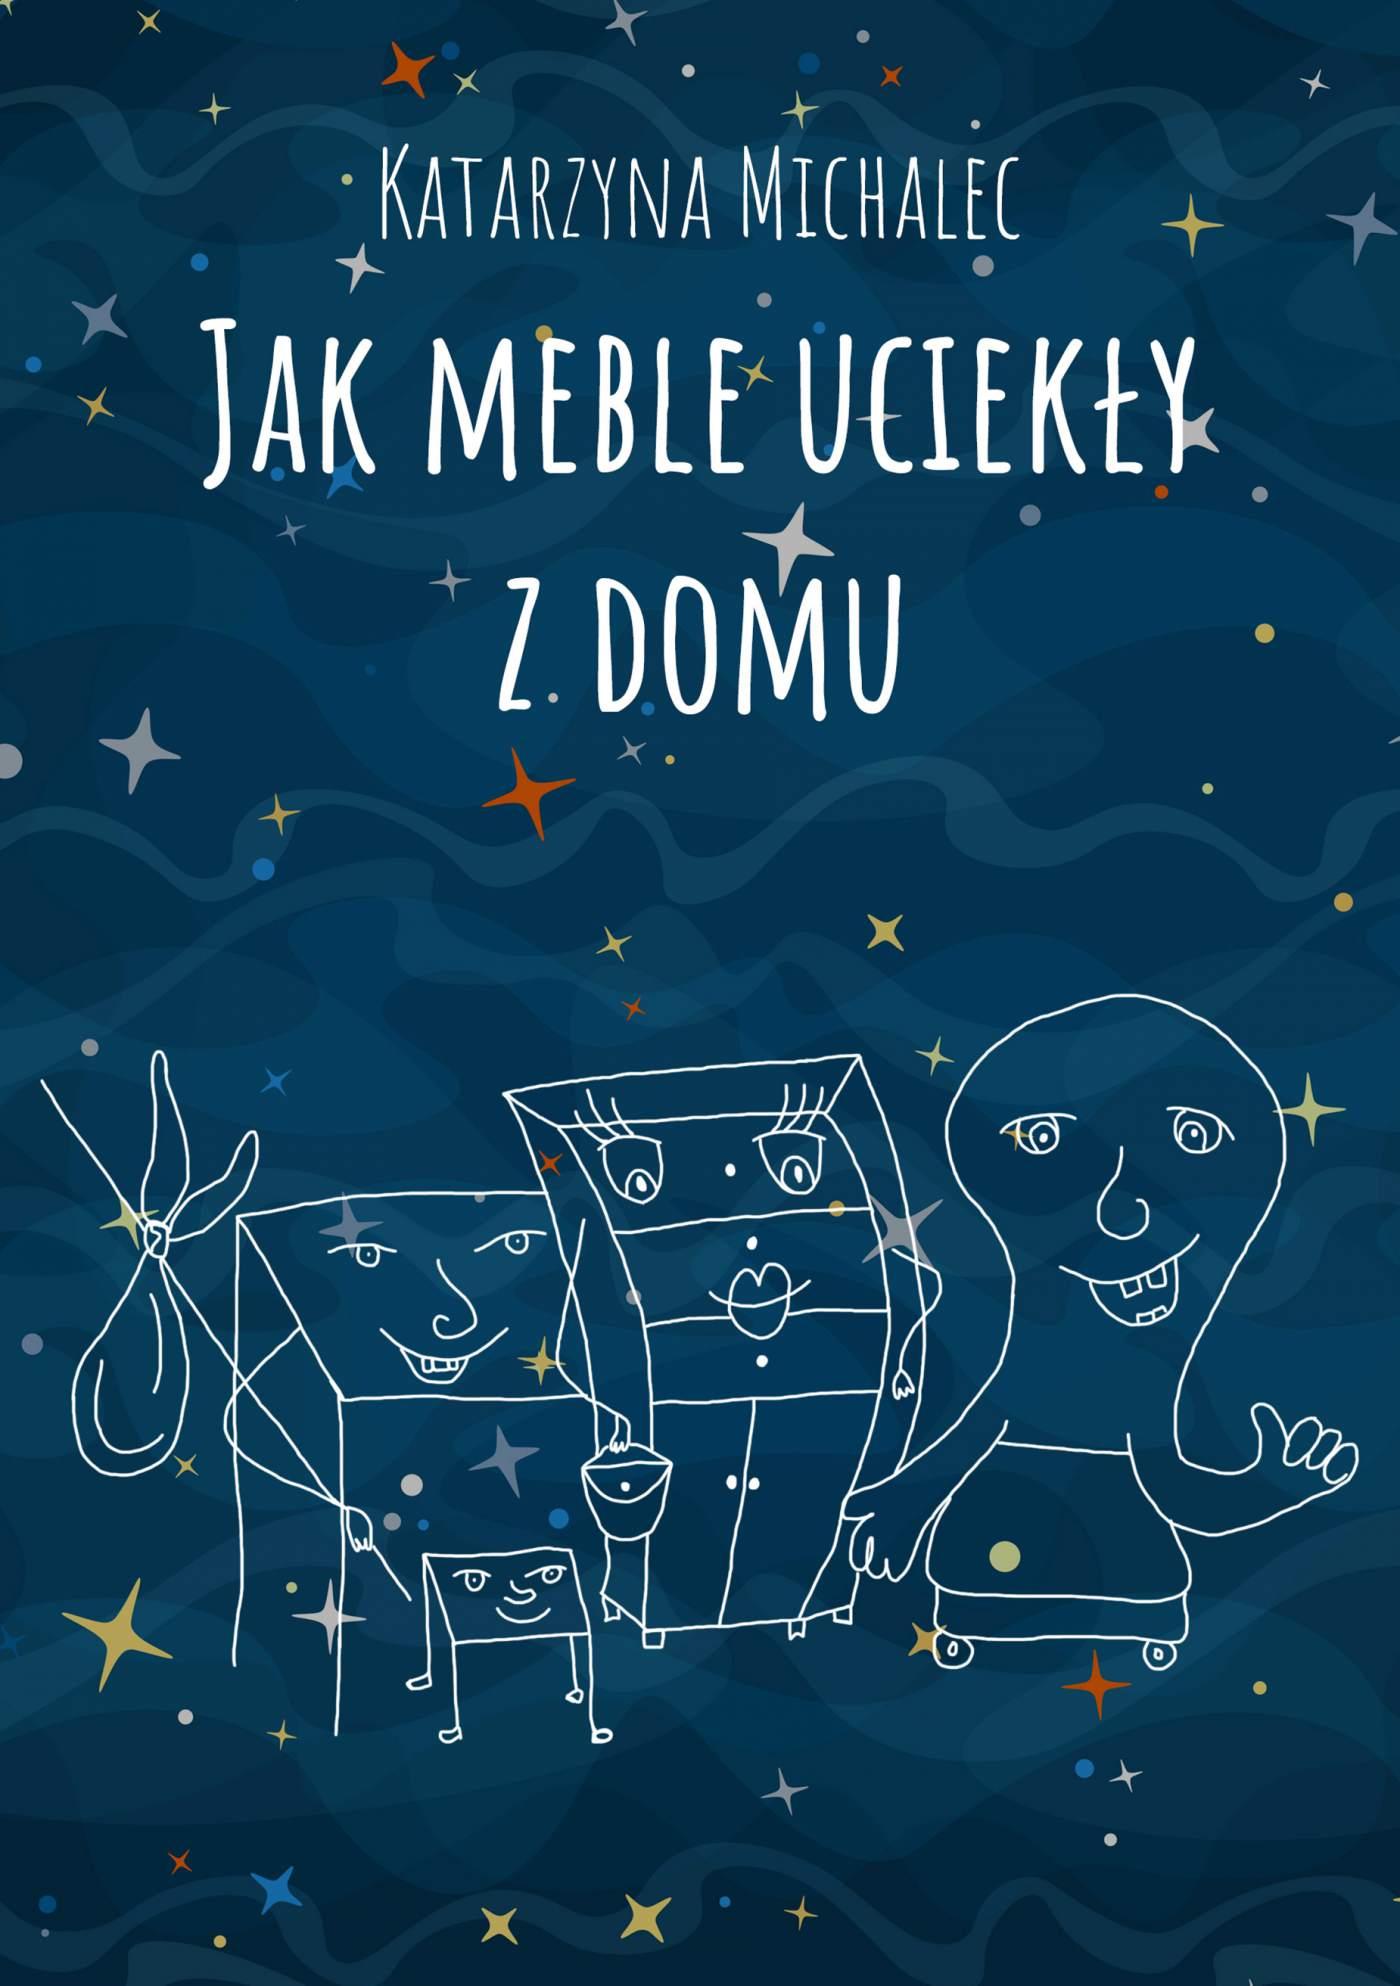 Jak meble uciekły z domu - Ebook (Książka PDF) do pobrania w formacie PDF